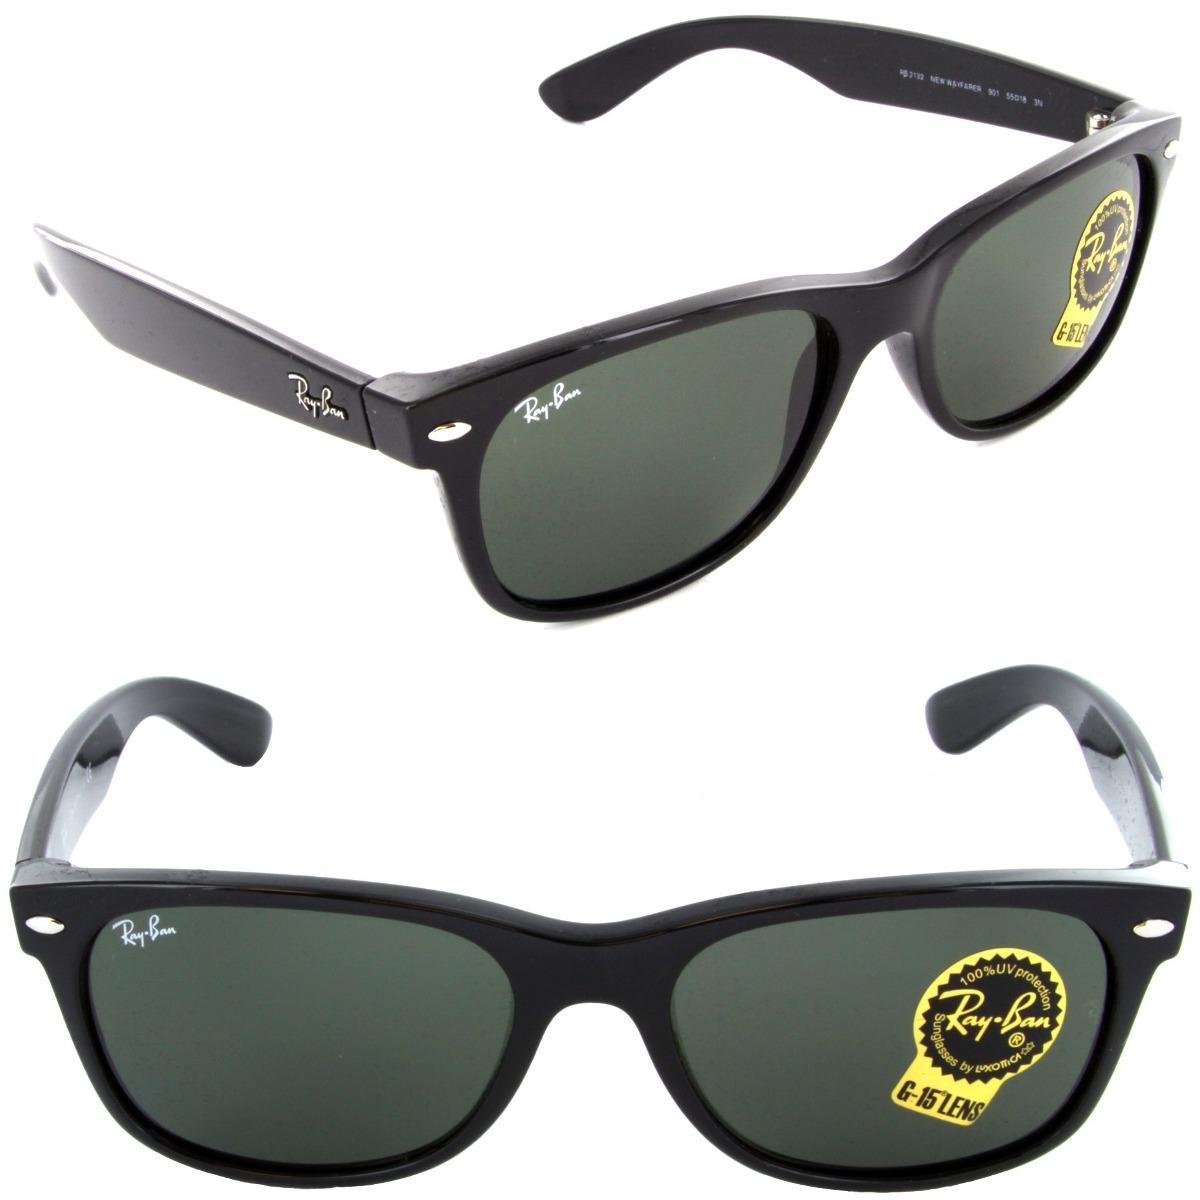 gafas ray ban rb2132